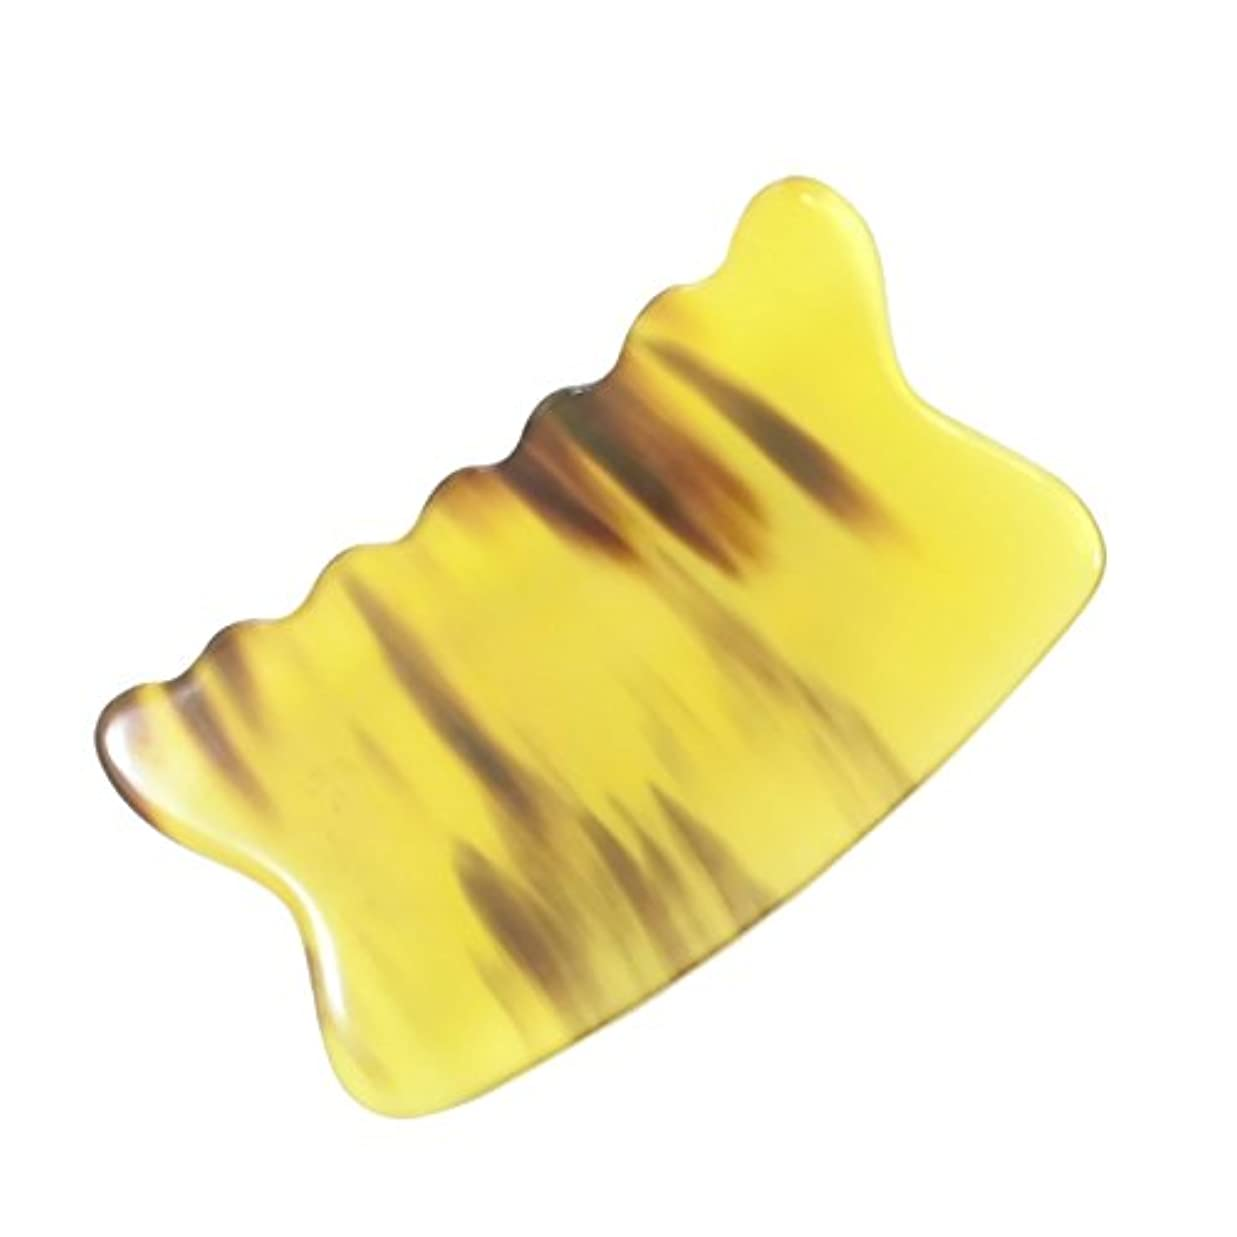 超える肺タンパク質かっさ プレート 希少59 黄水牛角 極美品 曲波型